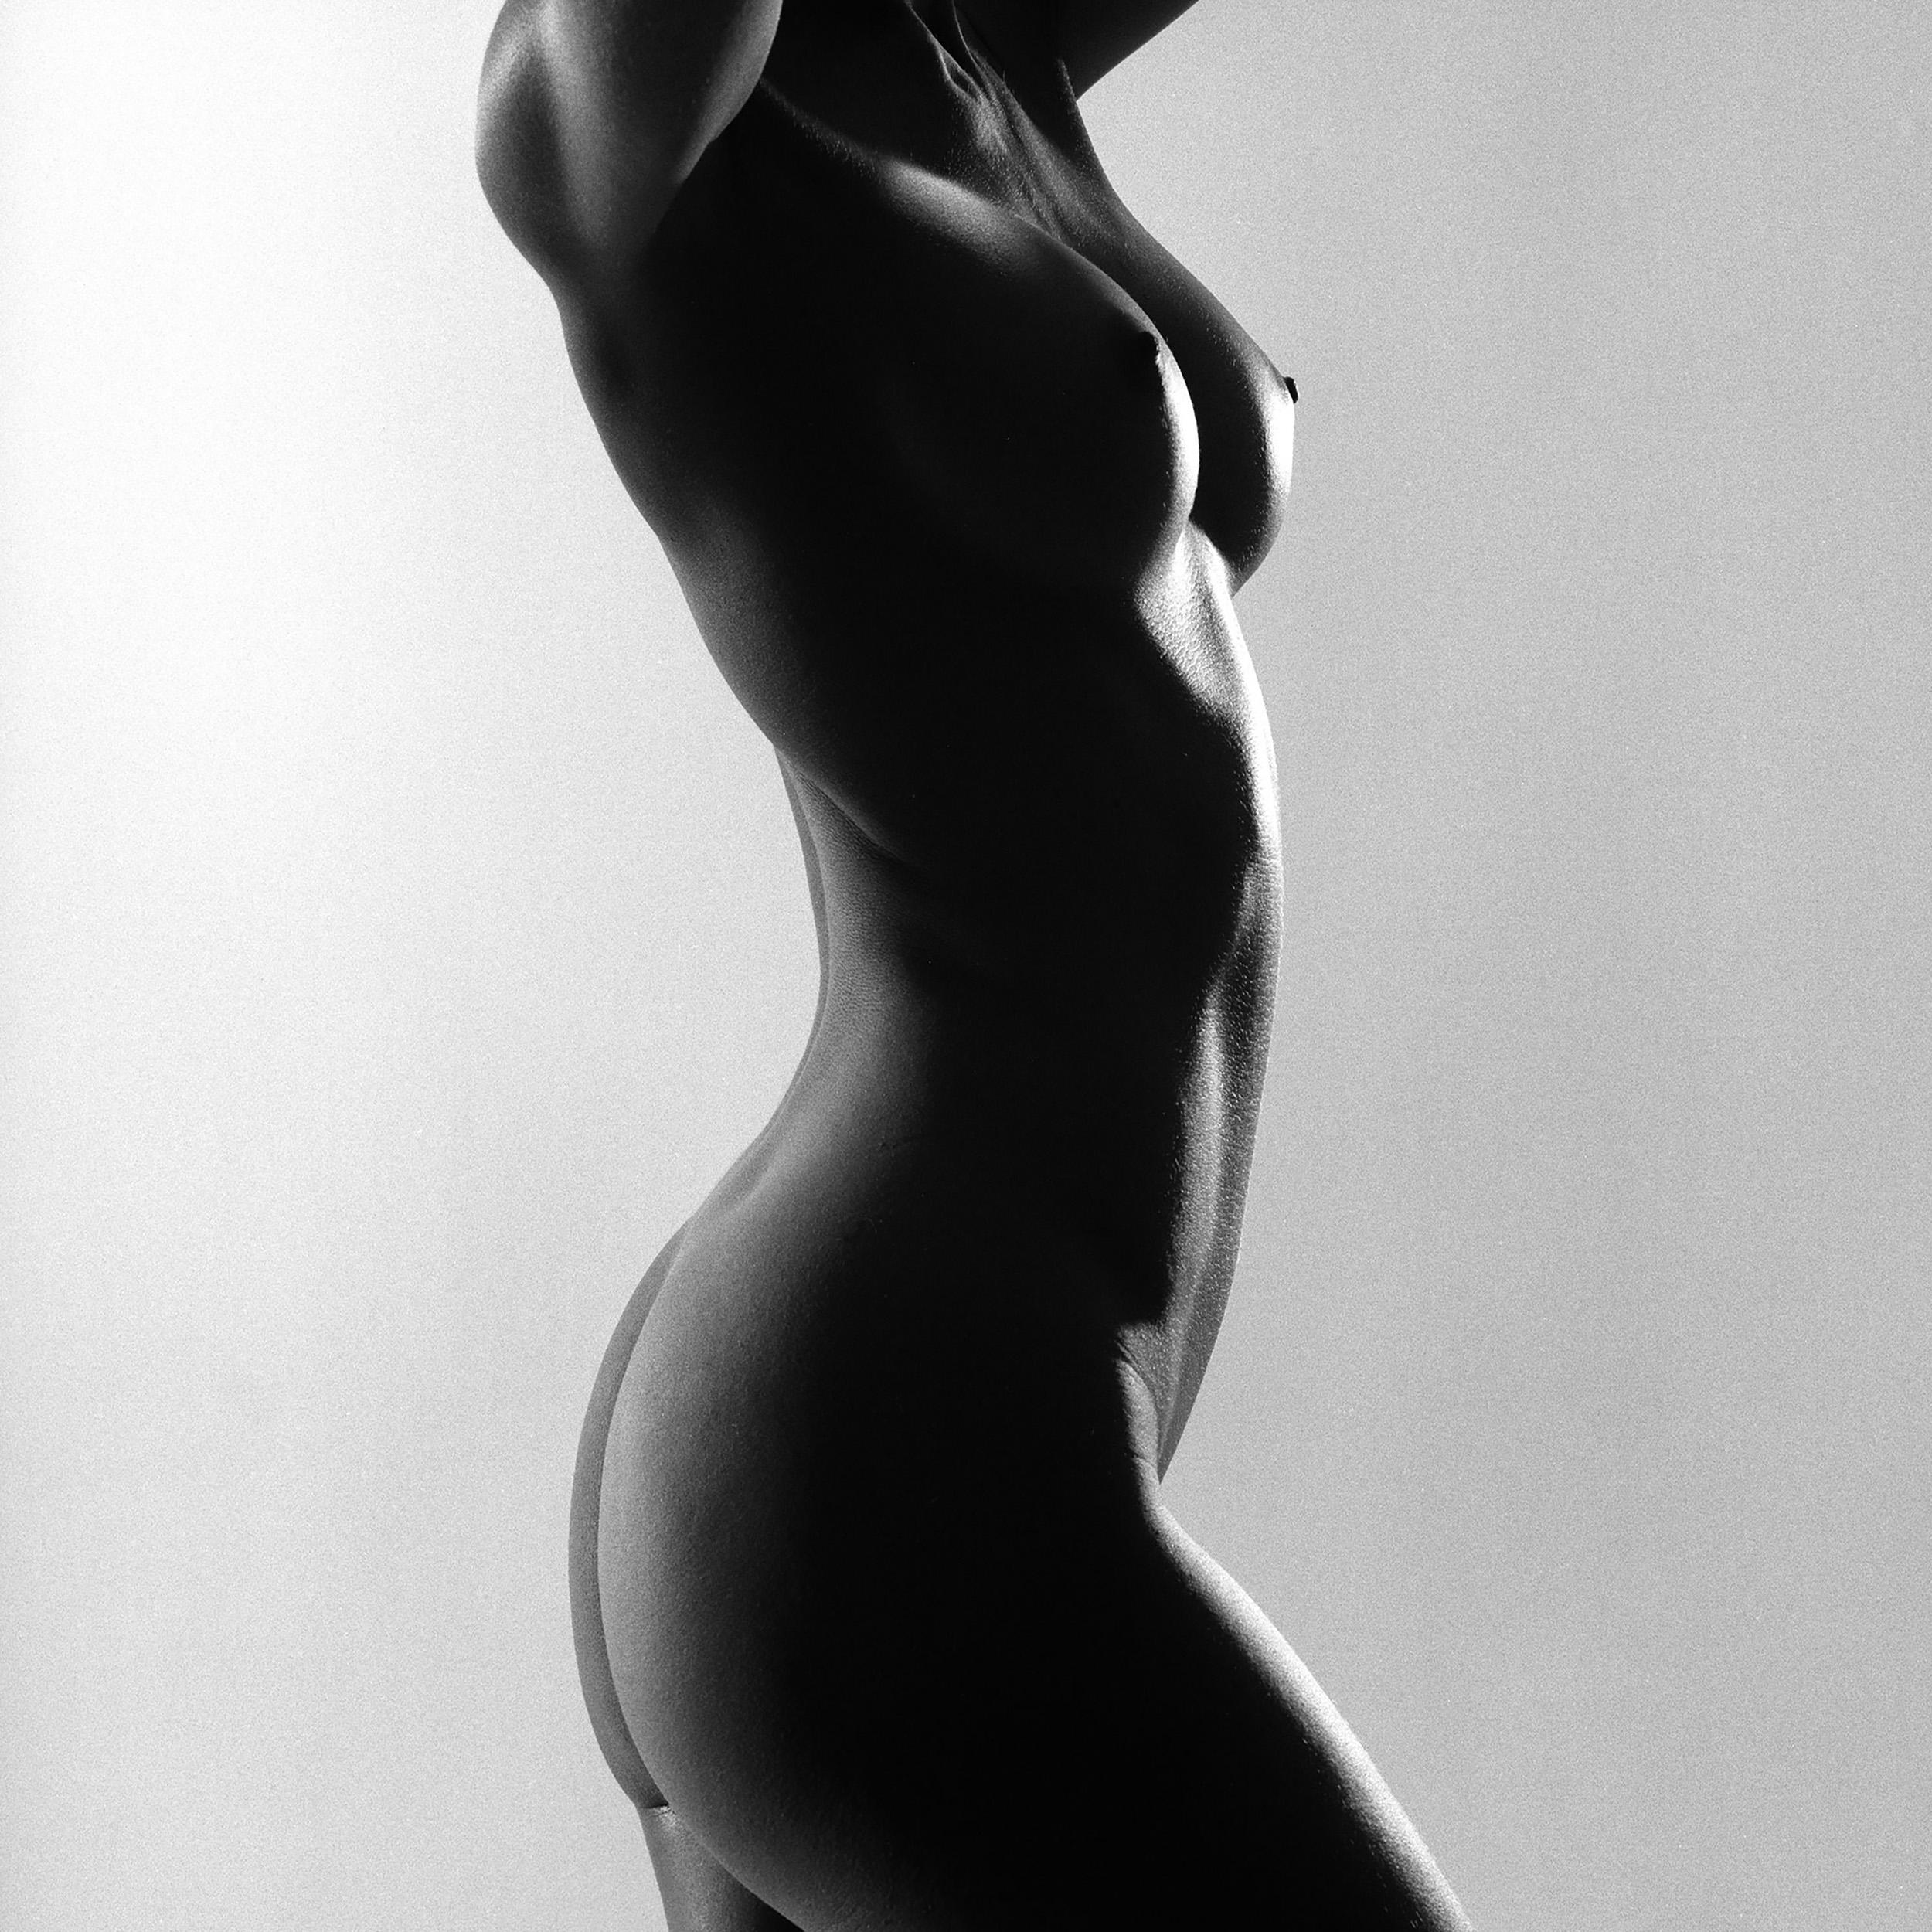 Nude by Kimball Hall